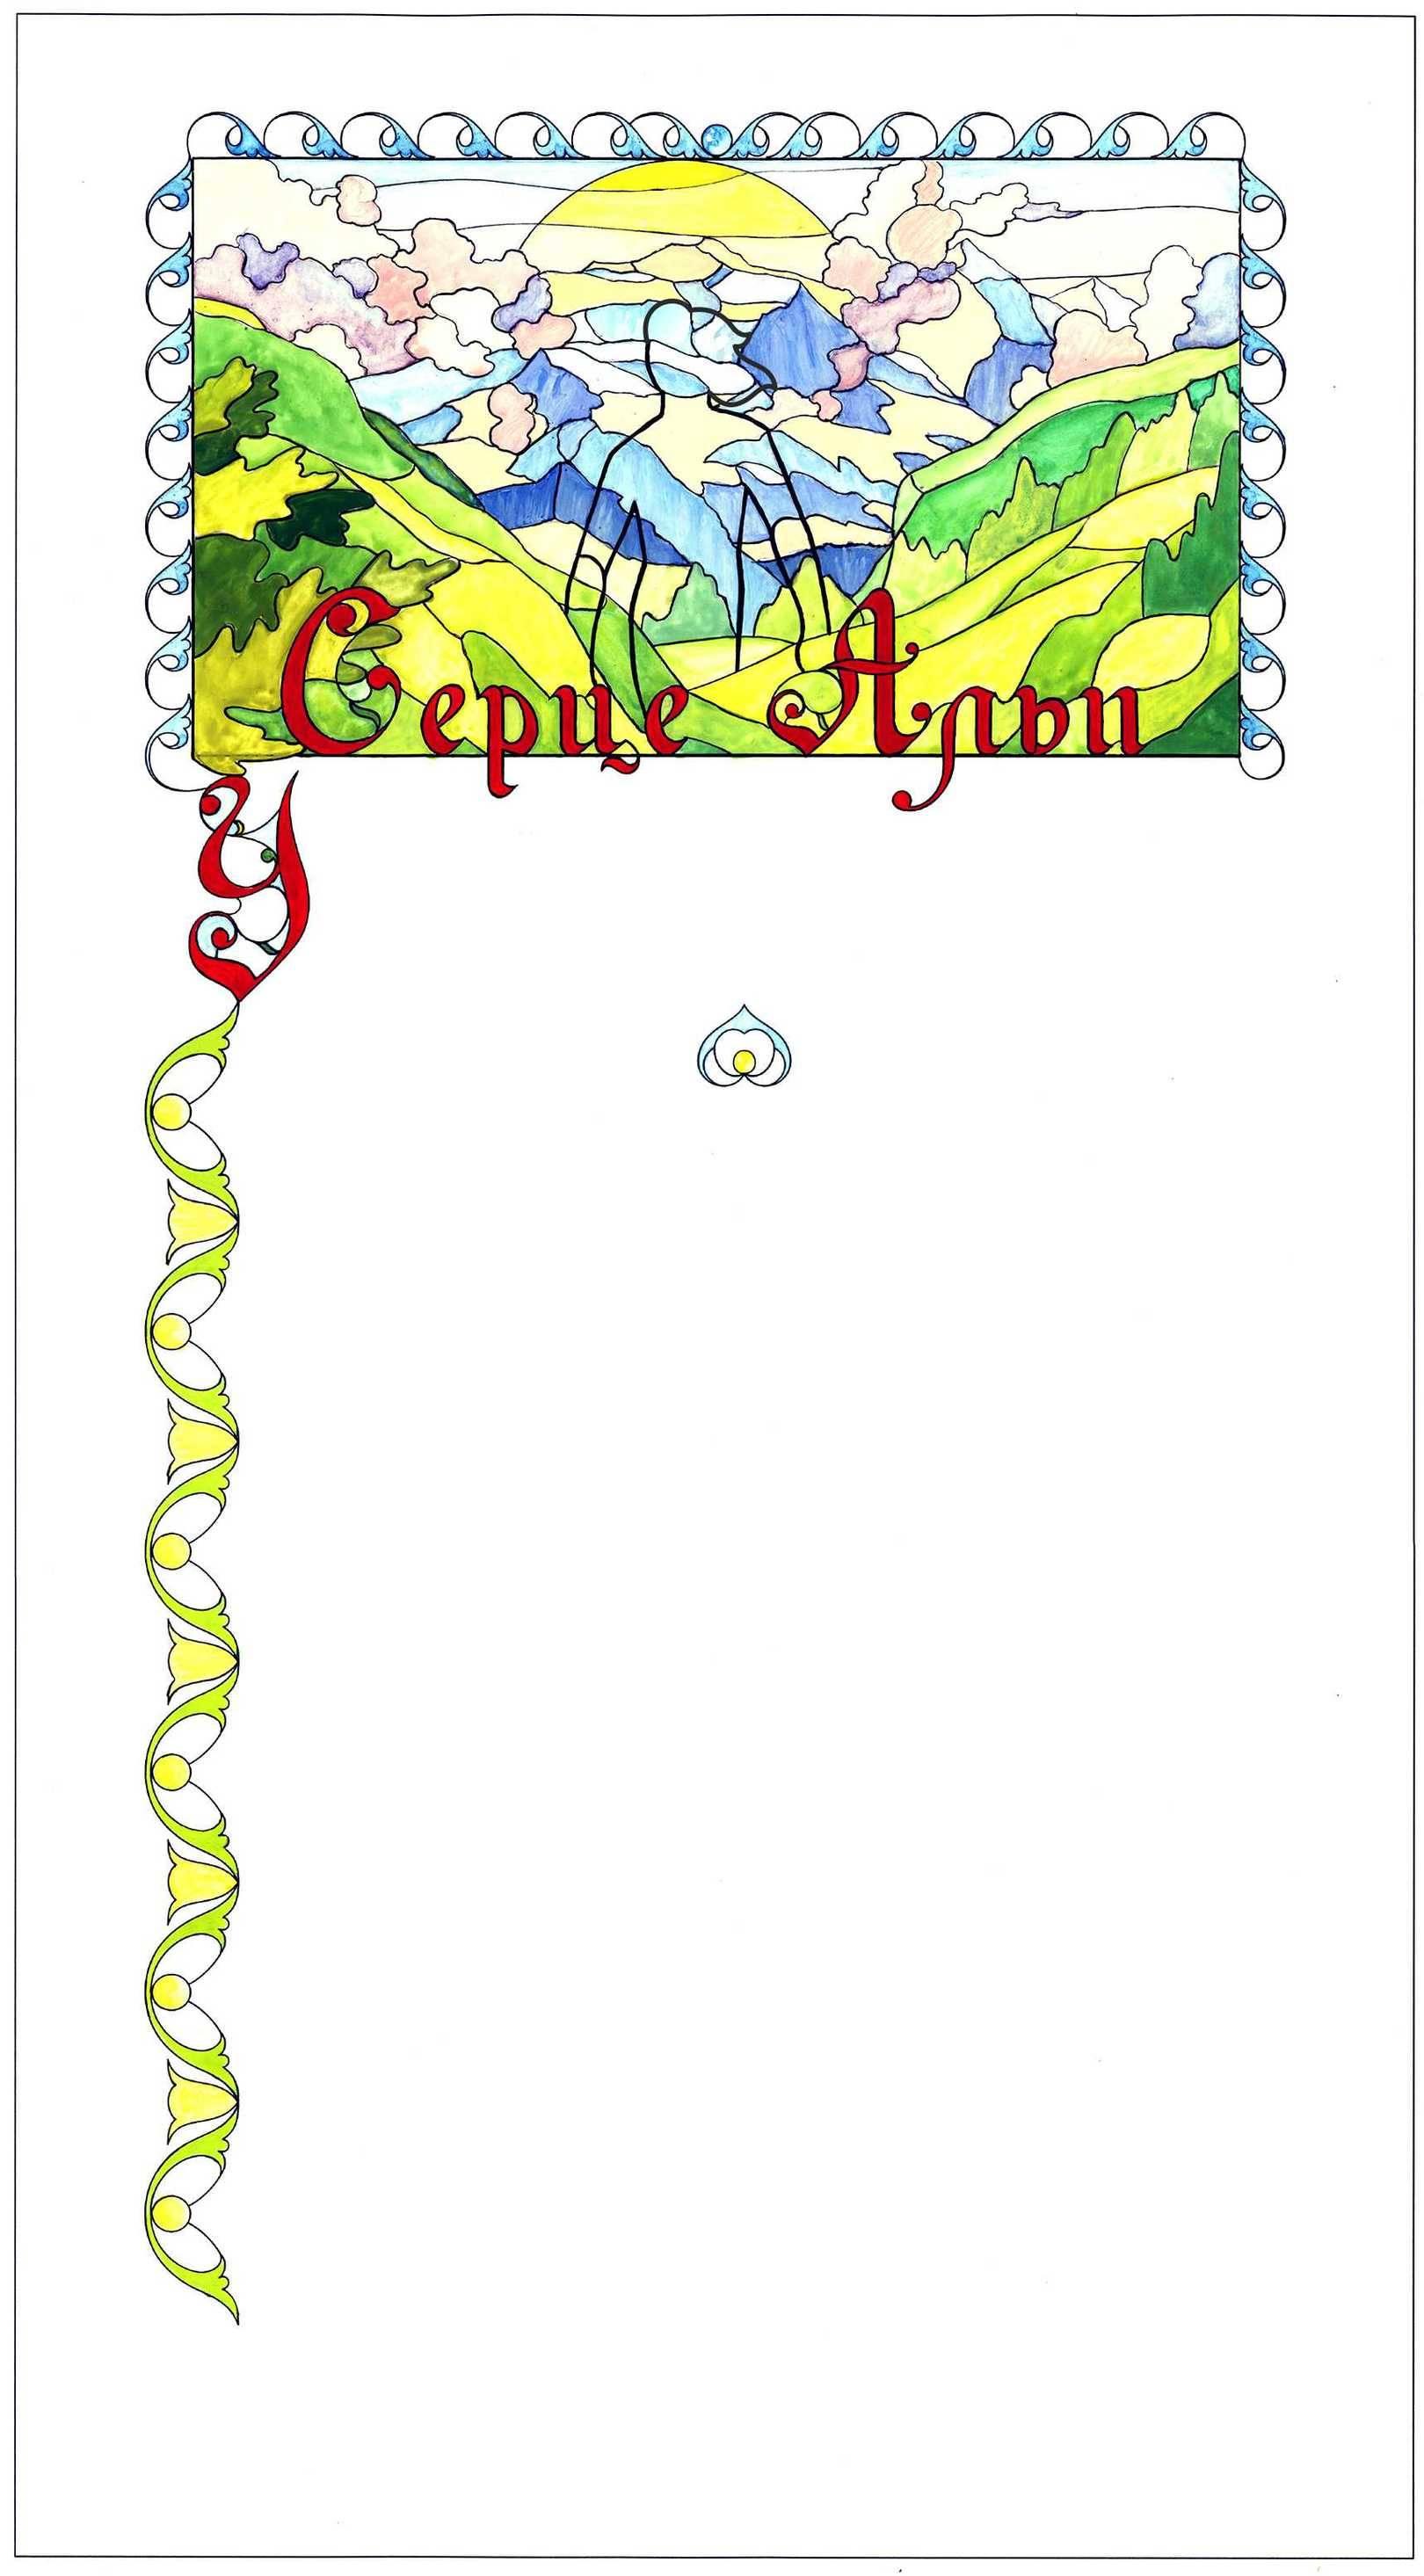 """Одна из заглавных иллюстраций к детской книге """"Швейцарские сказки"""", которая вышла в апреле 2015 г и была представлена на Книжном Арсенале, Киев. Заказчик хотел видеть иллюстрации в стиле витража. Буквицы, шрифт и орнаменты также авторские, мои. Действие книги происходит в Средние Века."""